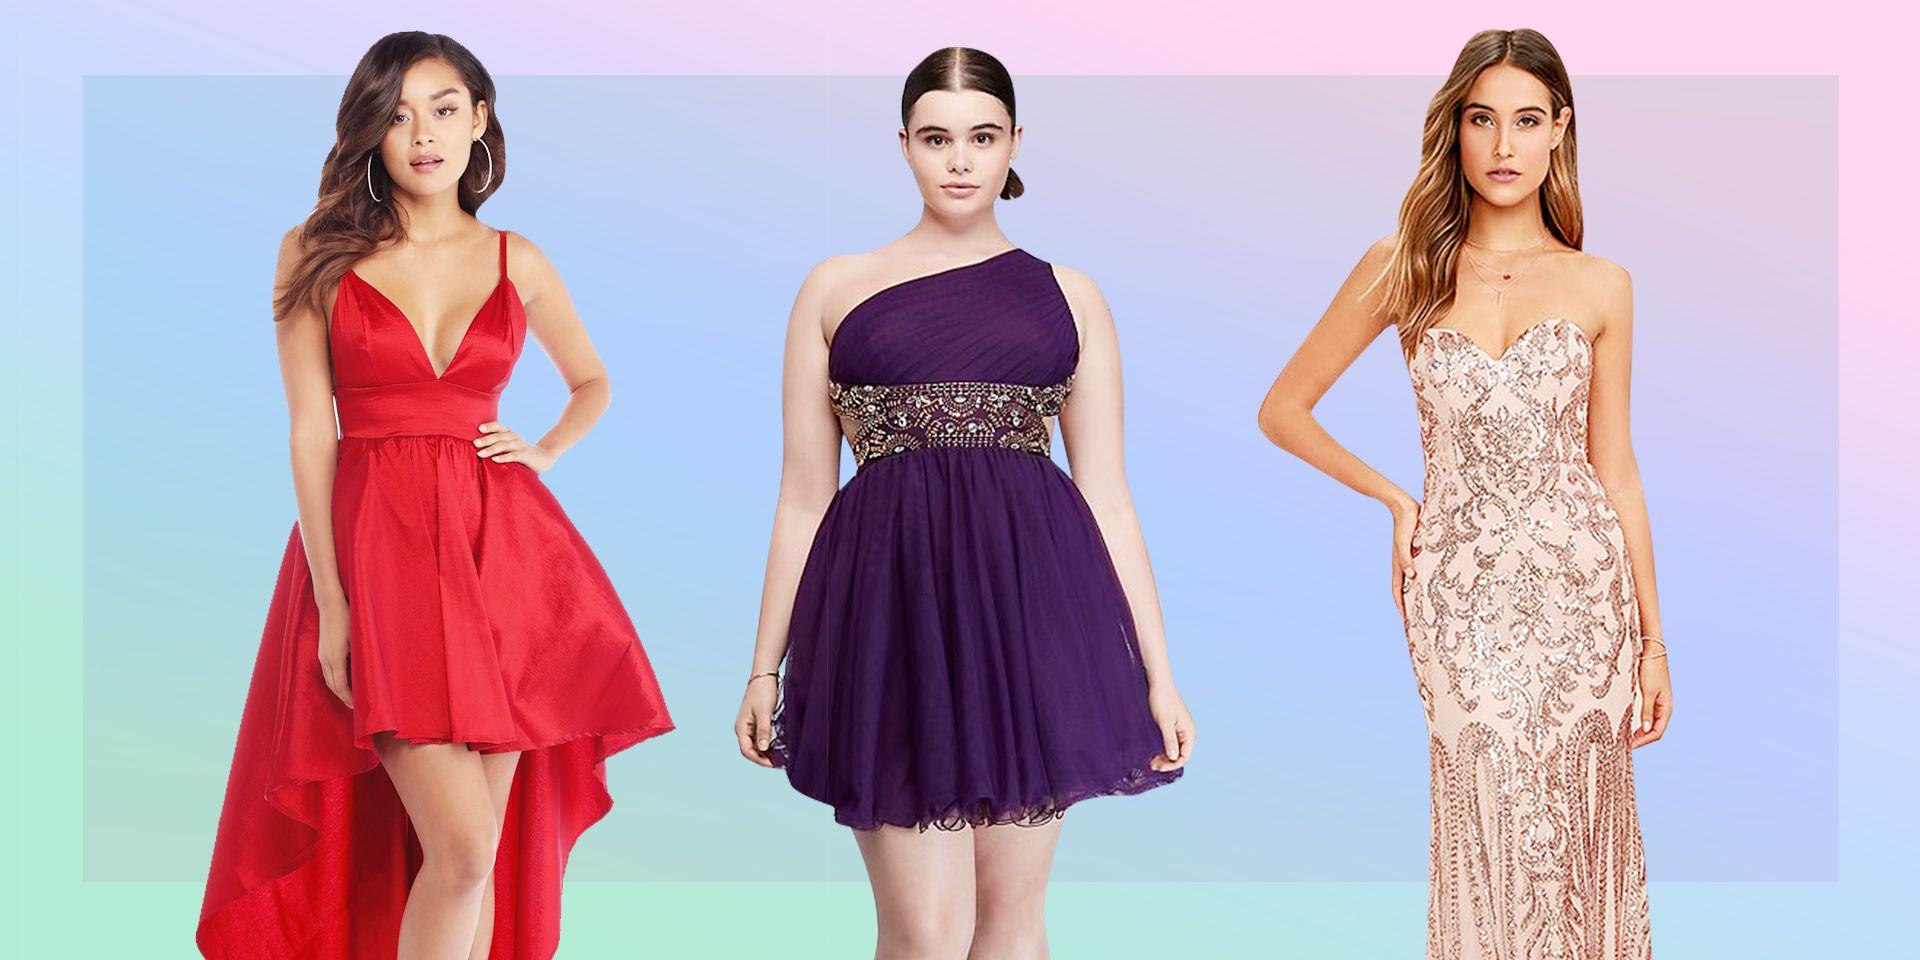 Prom Dress Attire